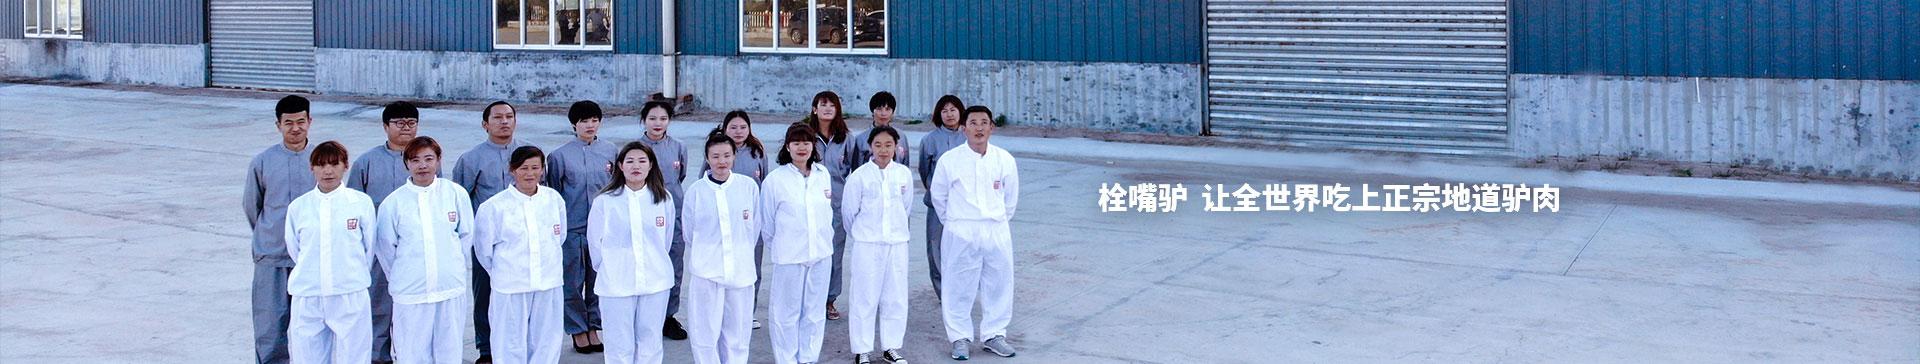 河北沧州生驴肉厂家还是要找我们拴嘴驴